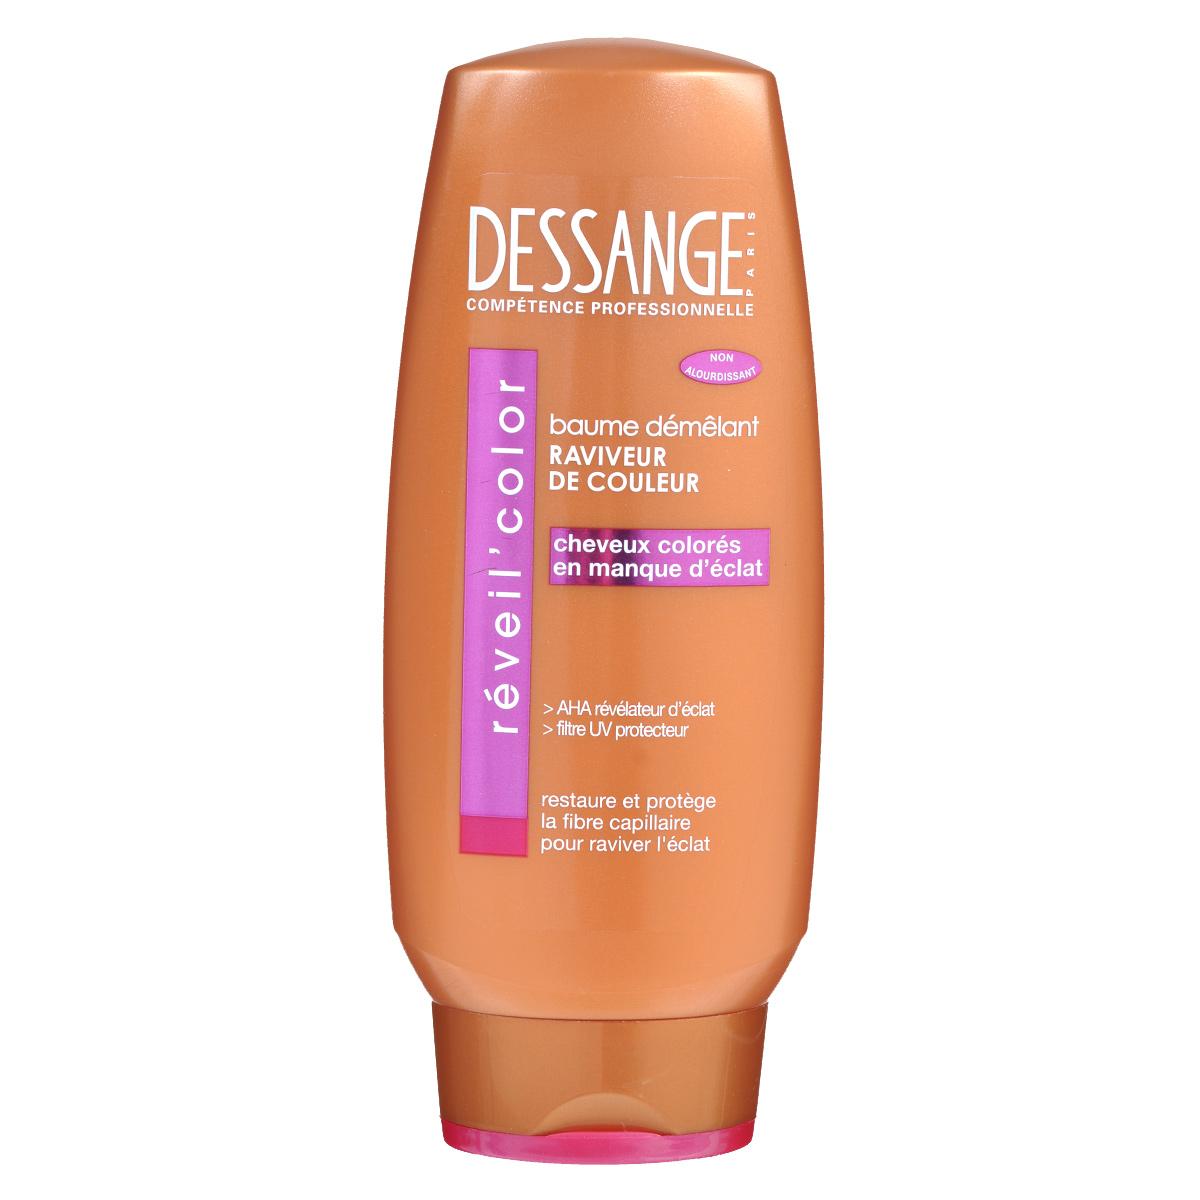 Dessange Бальзам Экстра блеск, для окрашенных волос, 200 млD0980403Бальзам для окрашенных волос «Экстра Блеск» способствует сохранению вашего оттенка. Новая формула с провитамином B5 и витамином E обладает высоким антиоксидантным и общеукрепляющим эффектом. Ваши волосы надолго остаются блестящими и послушными!